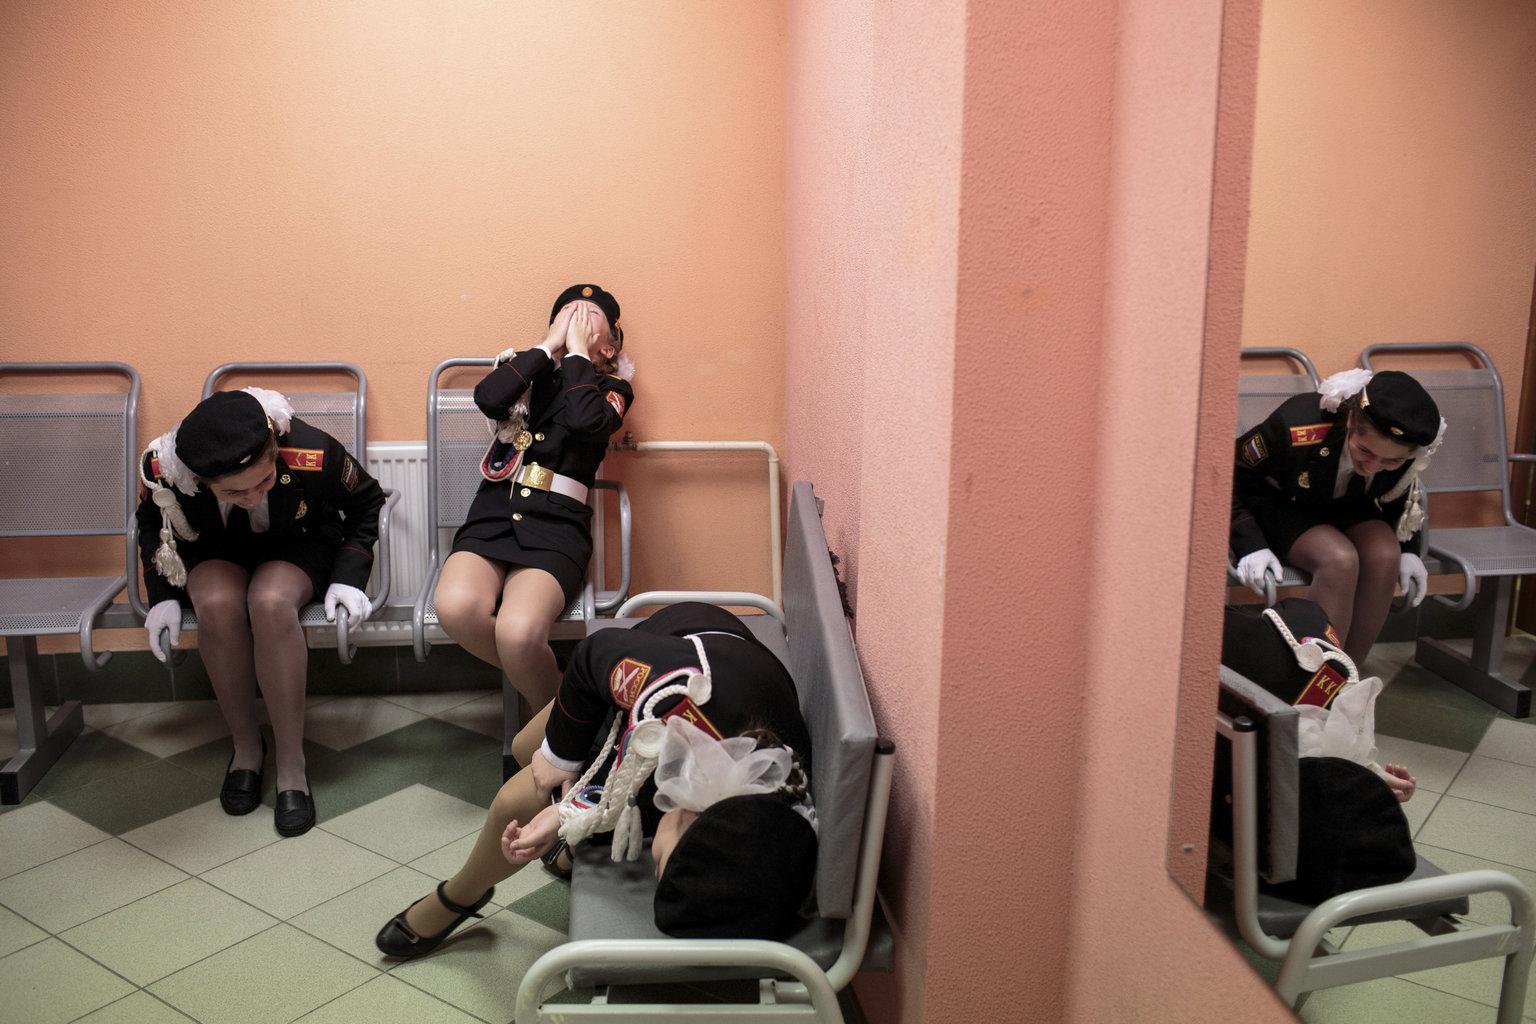 Dimitrov, 2019. április 12. A World Press Photo Alapítvány által közreadott képen az oroszországi Dimitrov 6-os számú iskolájának tanulói nevetnek ének- és masírozóversenyük előtt. A fénykép az amerikai Sarah Blesener Beckon Us From Home című munkájának része, amellyel elnyerte az első díjat a hosszú távú riportok kategóriában a World Press Photo nemzetközi sajtófotóversenyen 2019. április 11-én. MTI/AP/Sarah Blesener